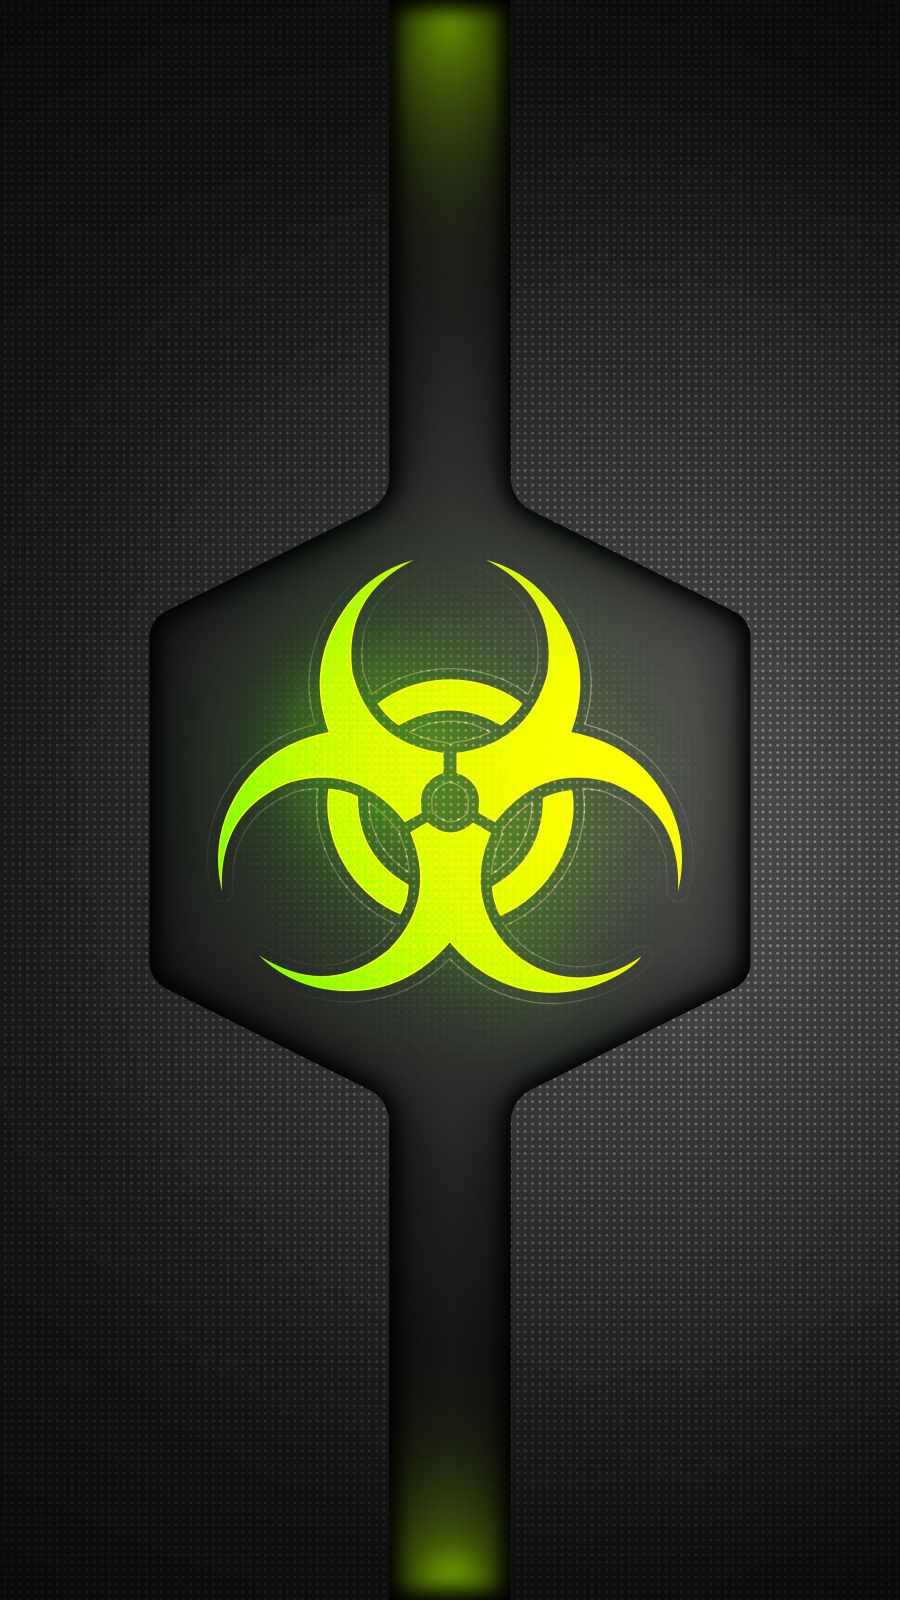 Bio Hazard iPhone Wallpaper